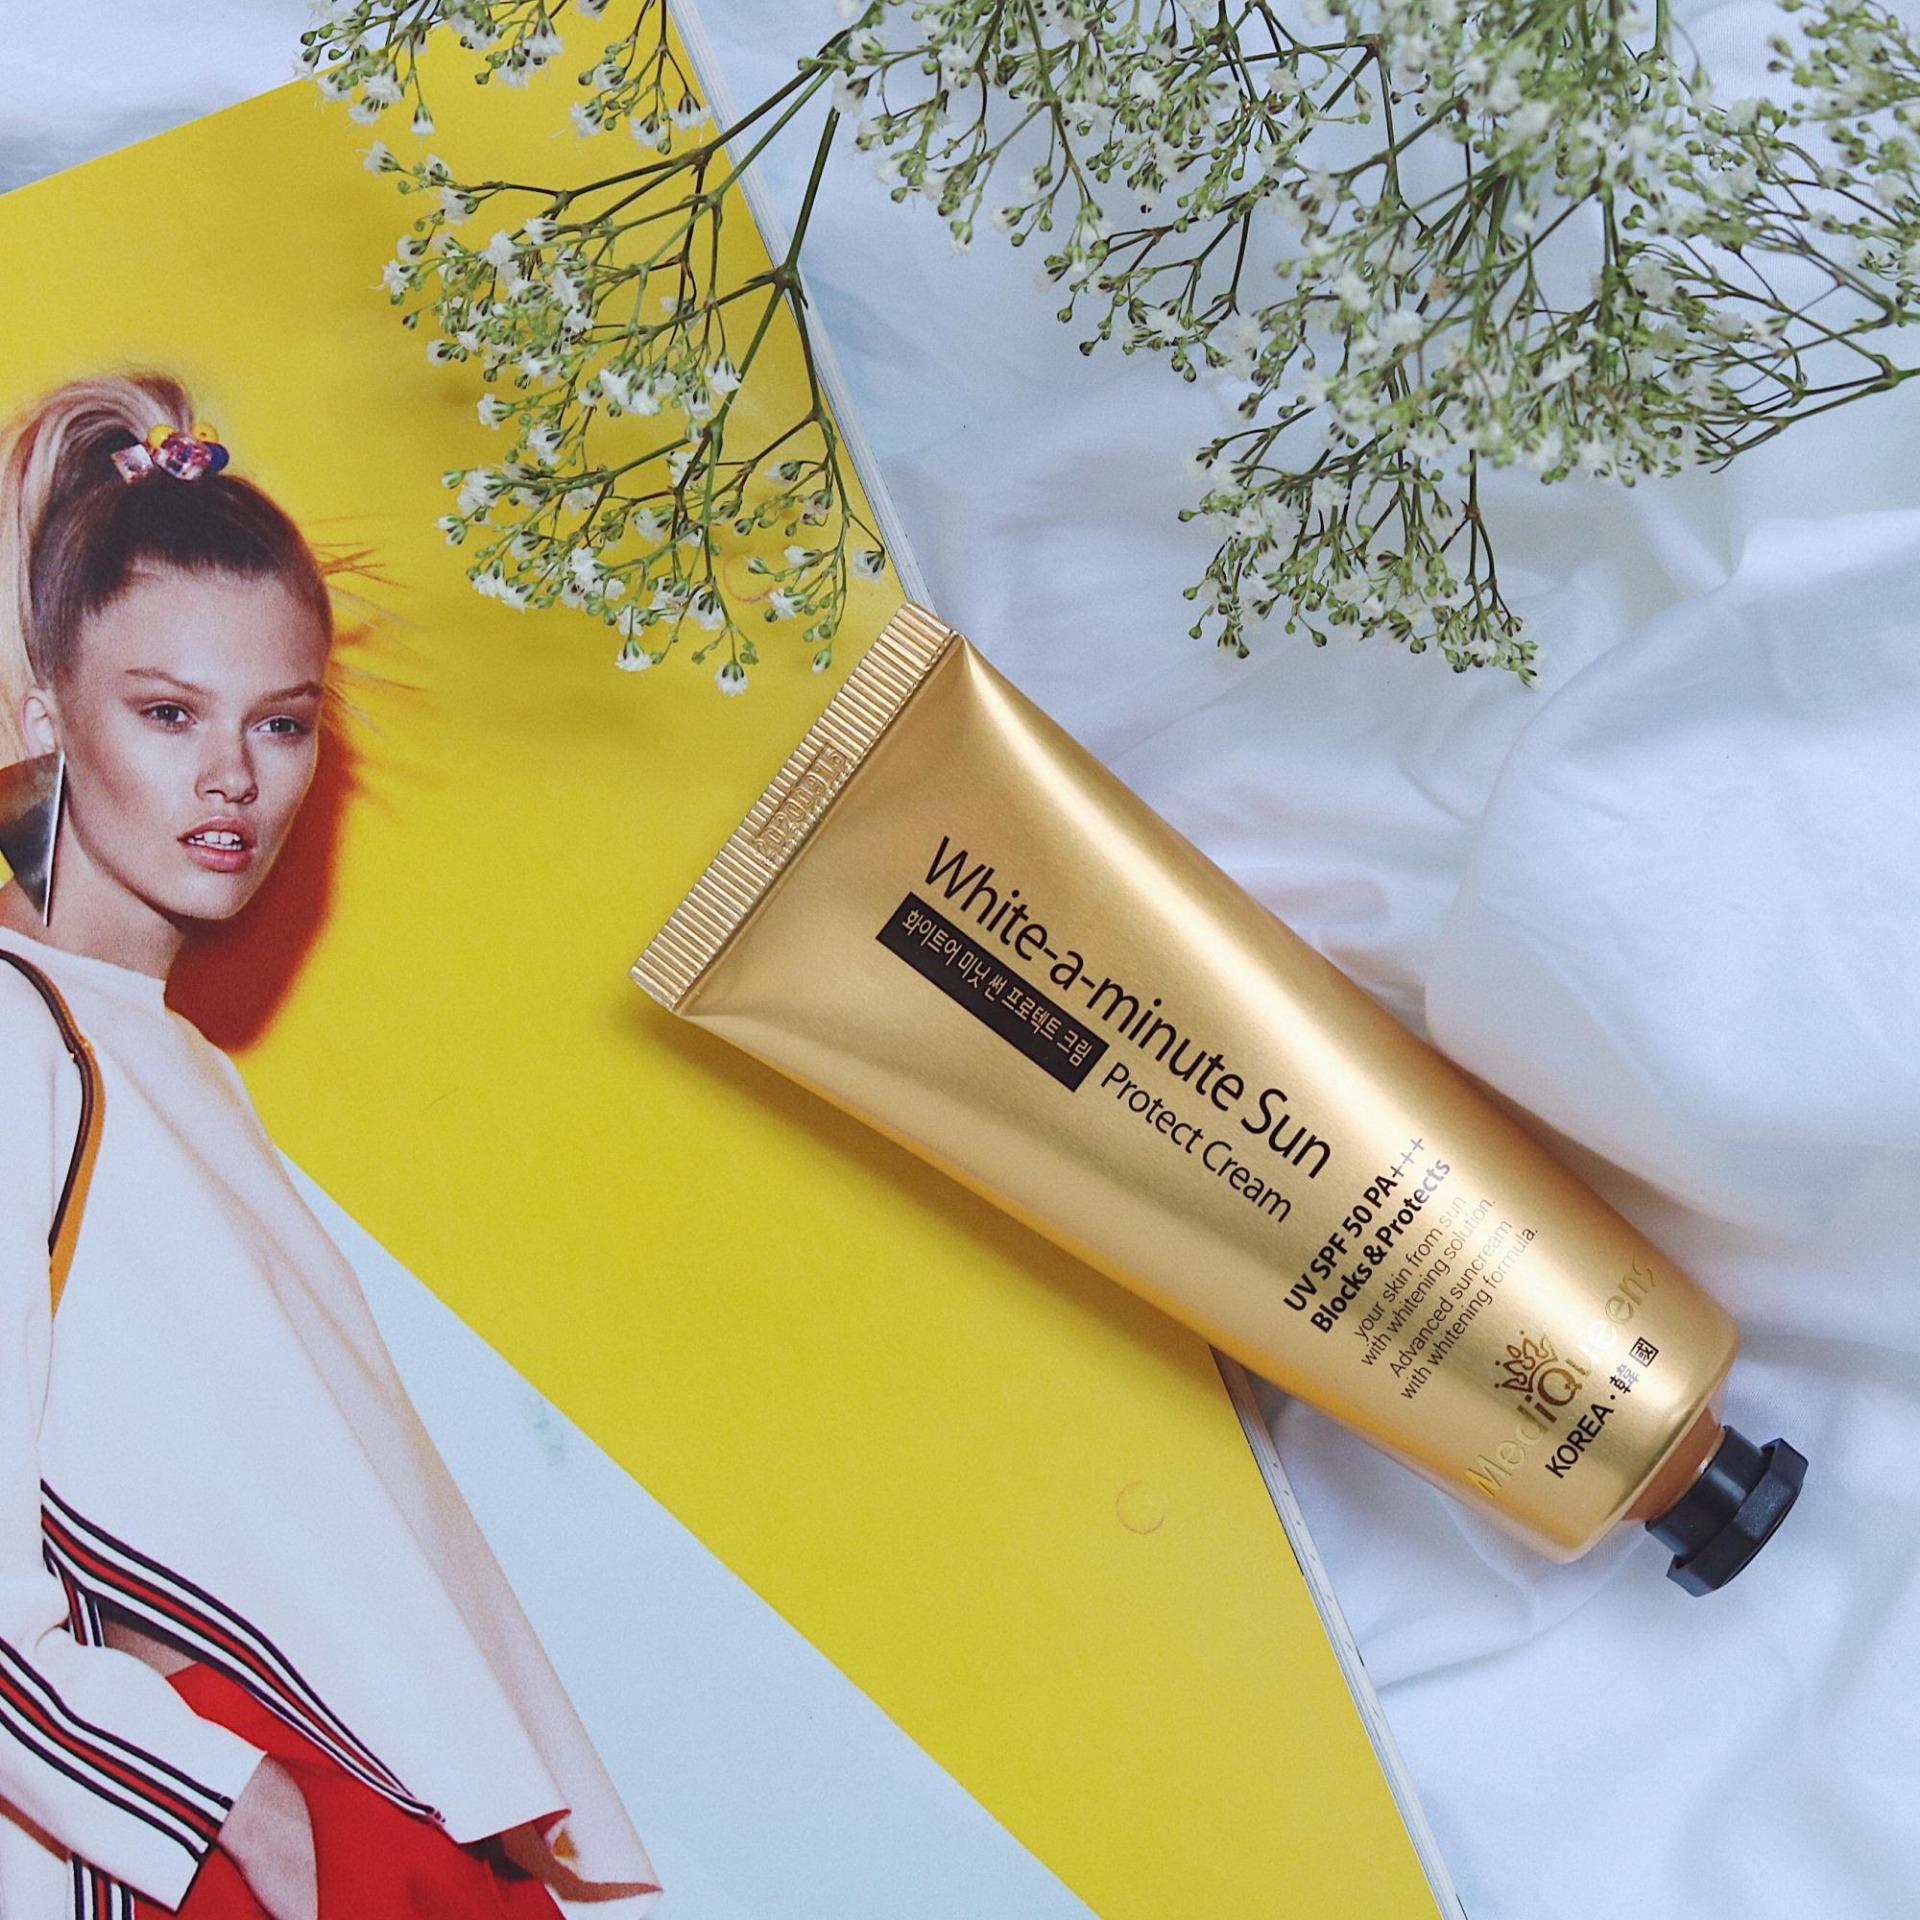 Kem dưỡng da Chống nắng SPF 50 PA +++ Mediqueens Whitening Sun Protect Cream - Hàng nhập khẩu Chính hãng (Tuýp 50g) chính hãng